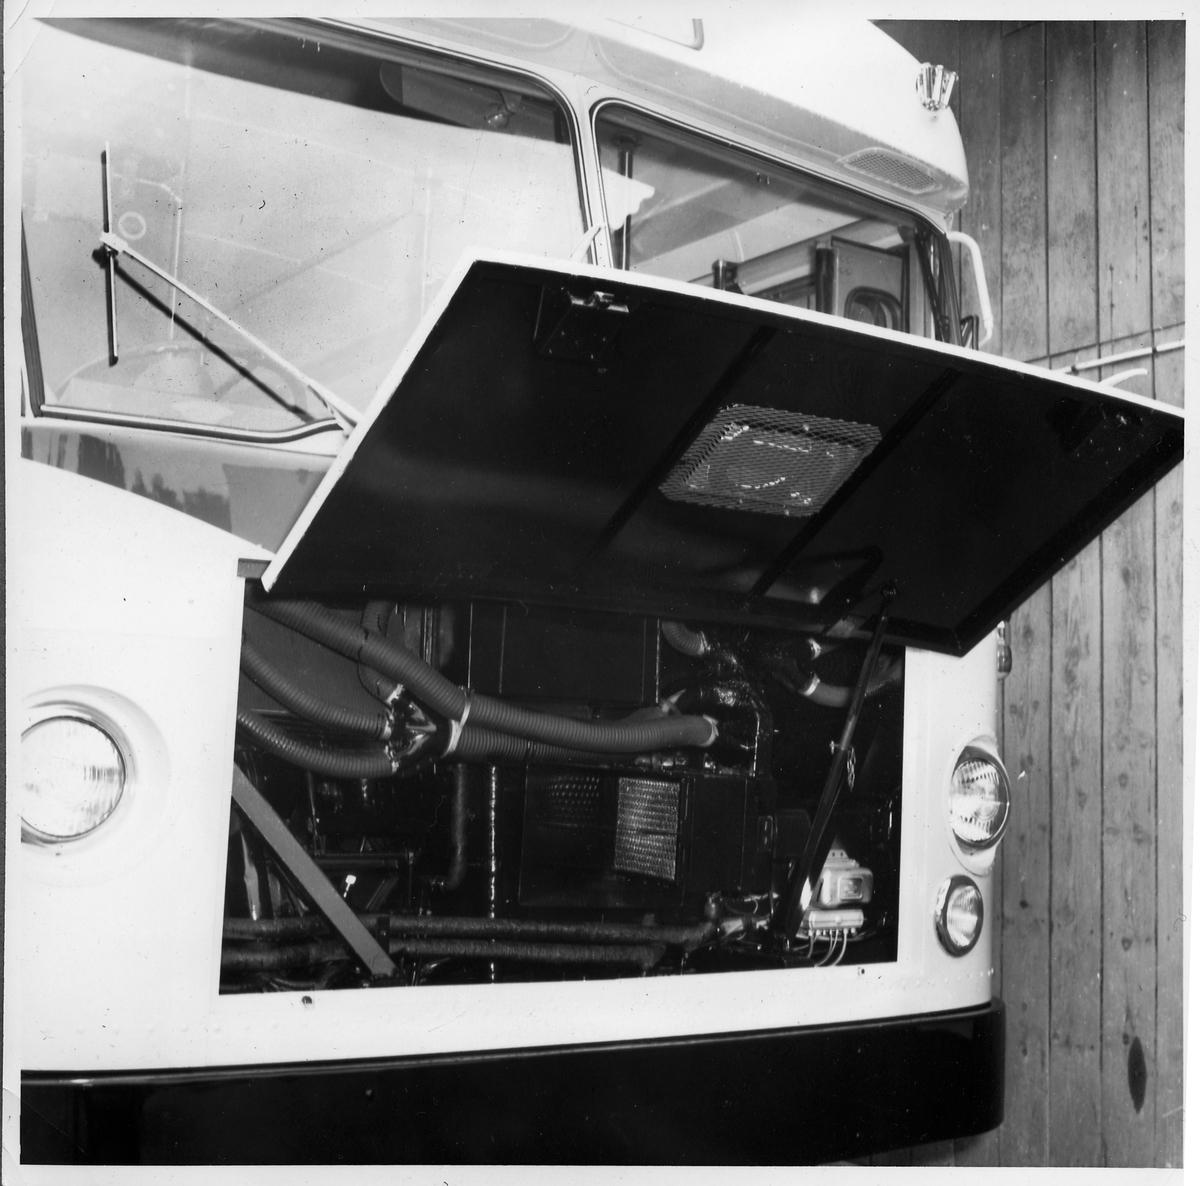 Buss sedd snett framifrån med lucka öppen. Statens Järnvägar, SJ buss 2726.